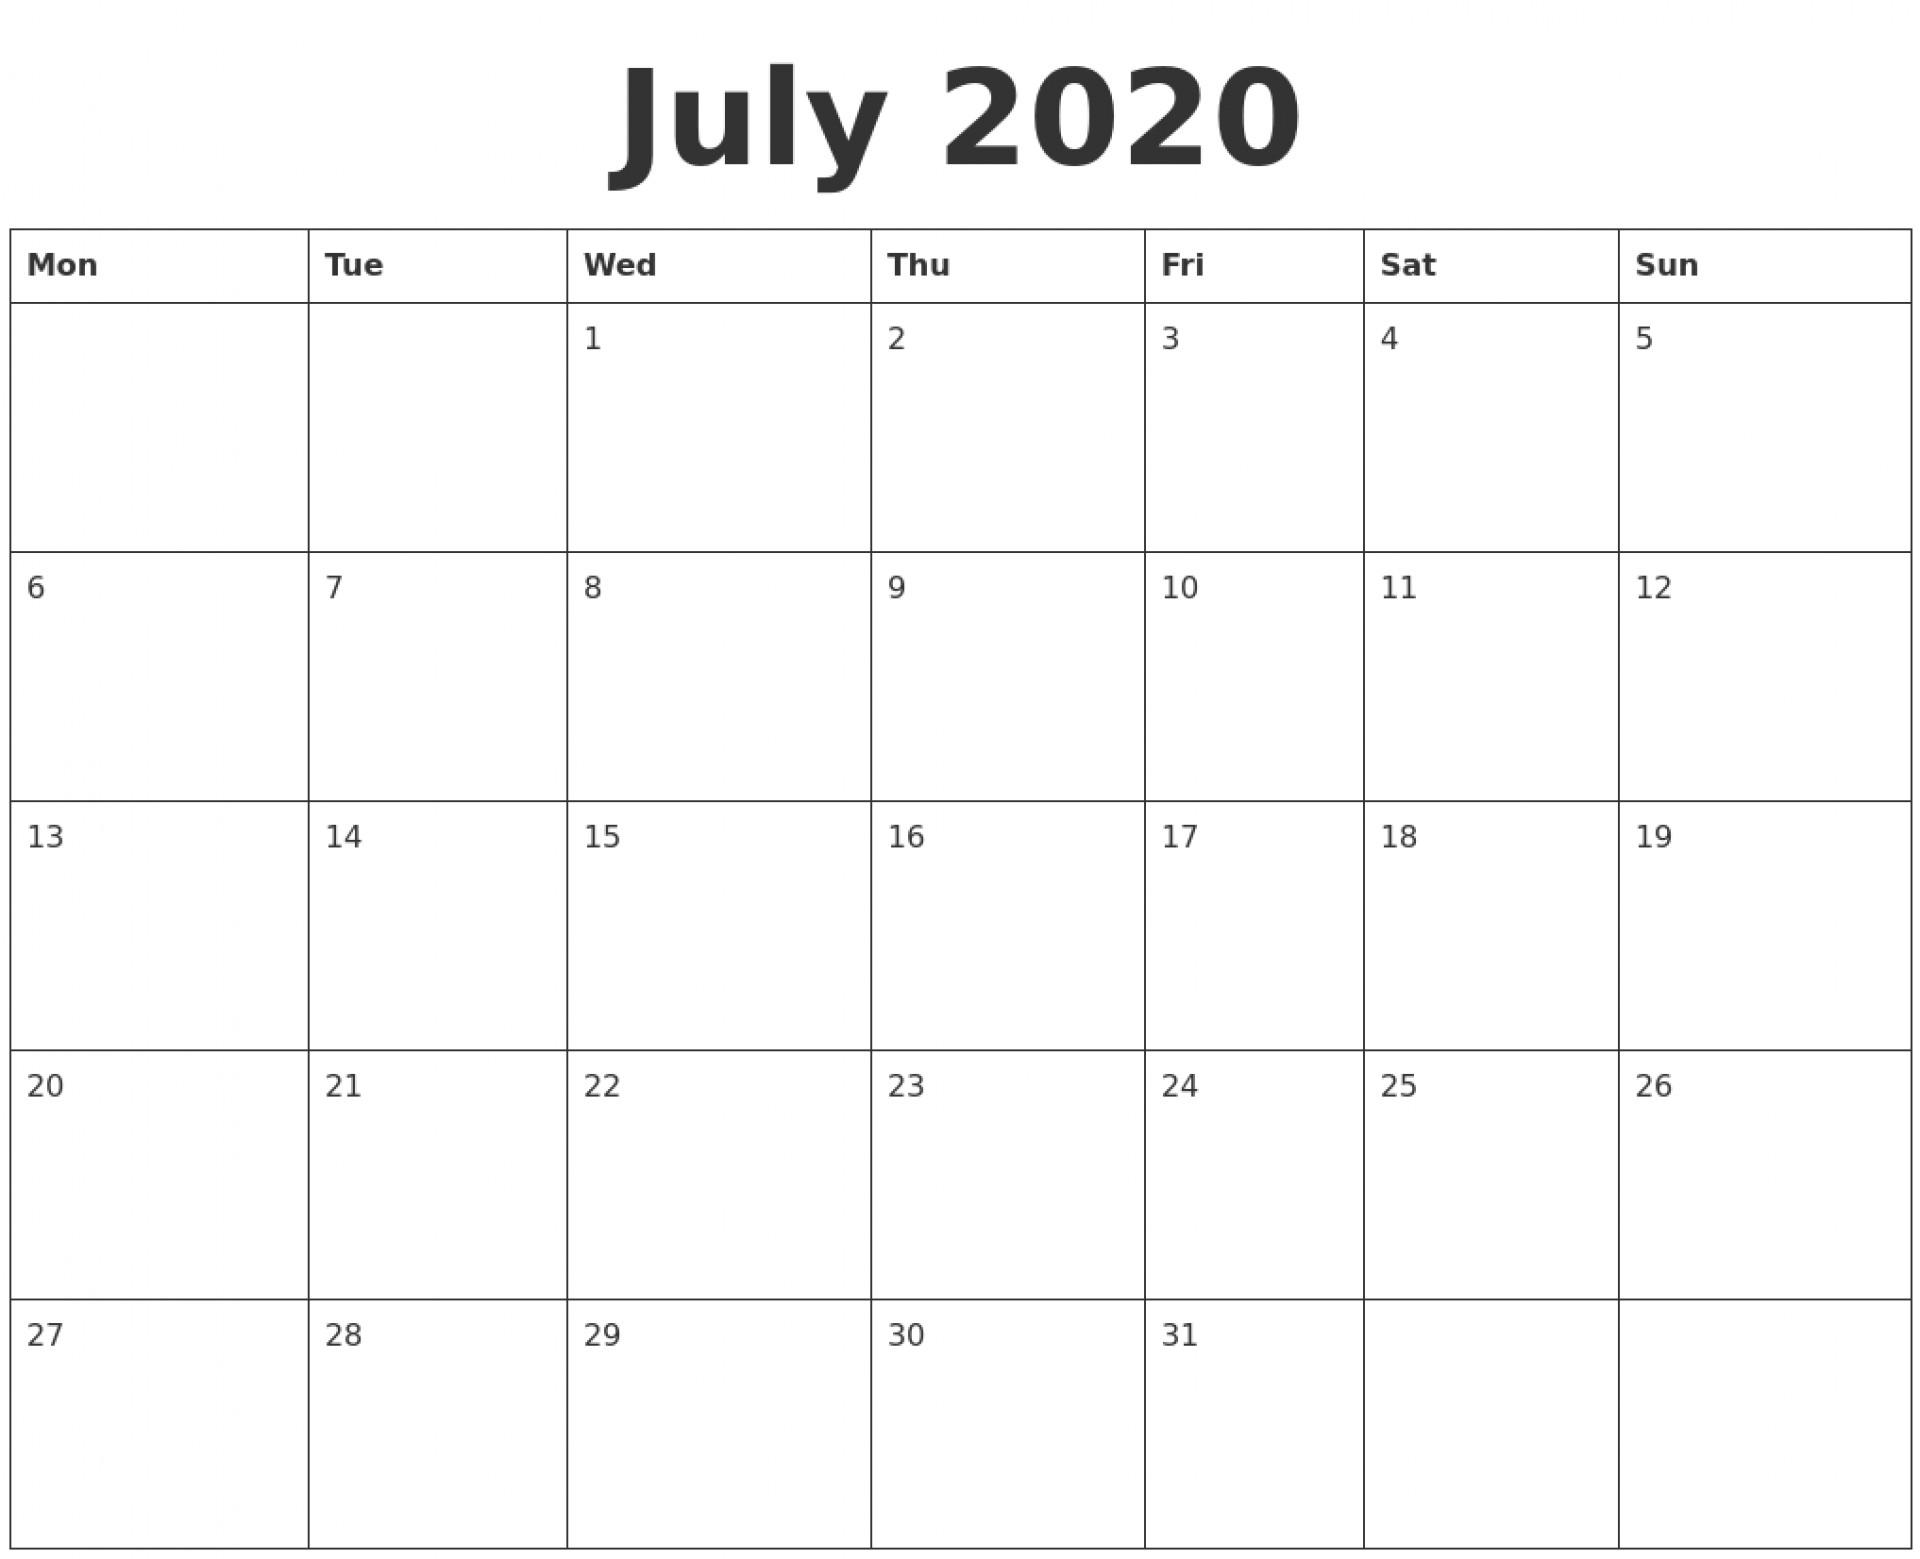 002 July Blank Calendar Template Monday Start Ideas Fill